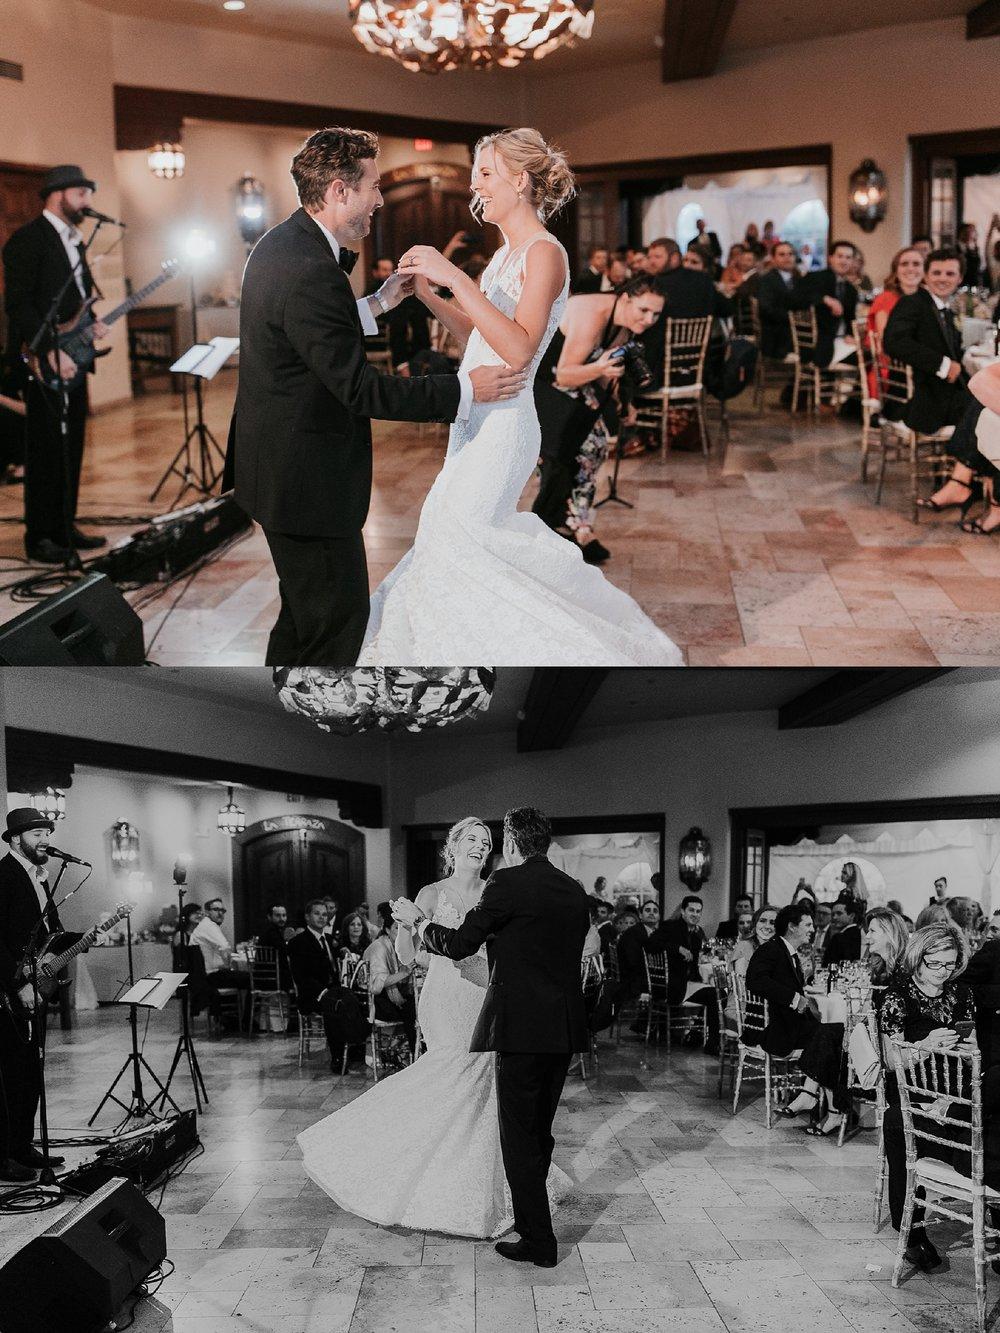 Alicia+lucia+photography+-+albuquerque+wedding+photographer+-+santa+fe+wedding+photography+-+new+mexico+wedding+photographer+-+new+mexico+wedding+-+albuquerque+wedding+-+santa+fe+wedding+-+wedding+first+dance+-+first+dance+songs_0012.jpg